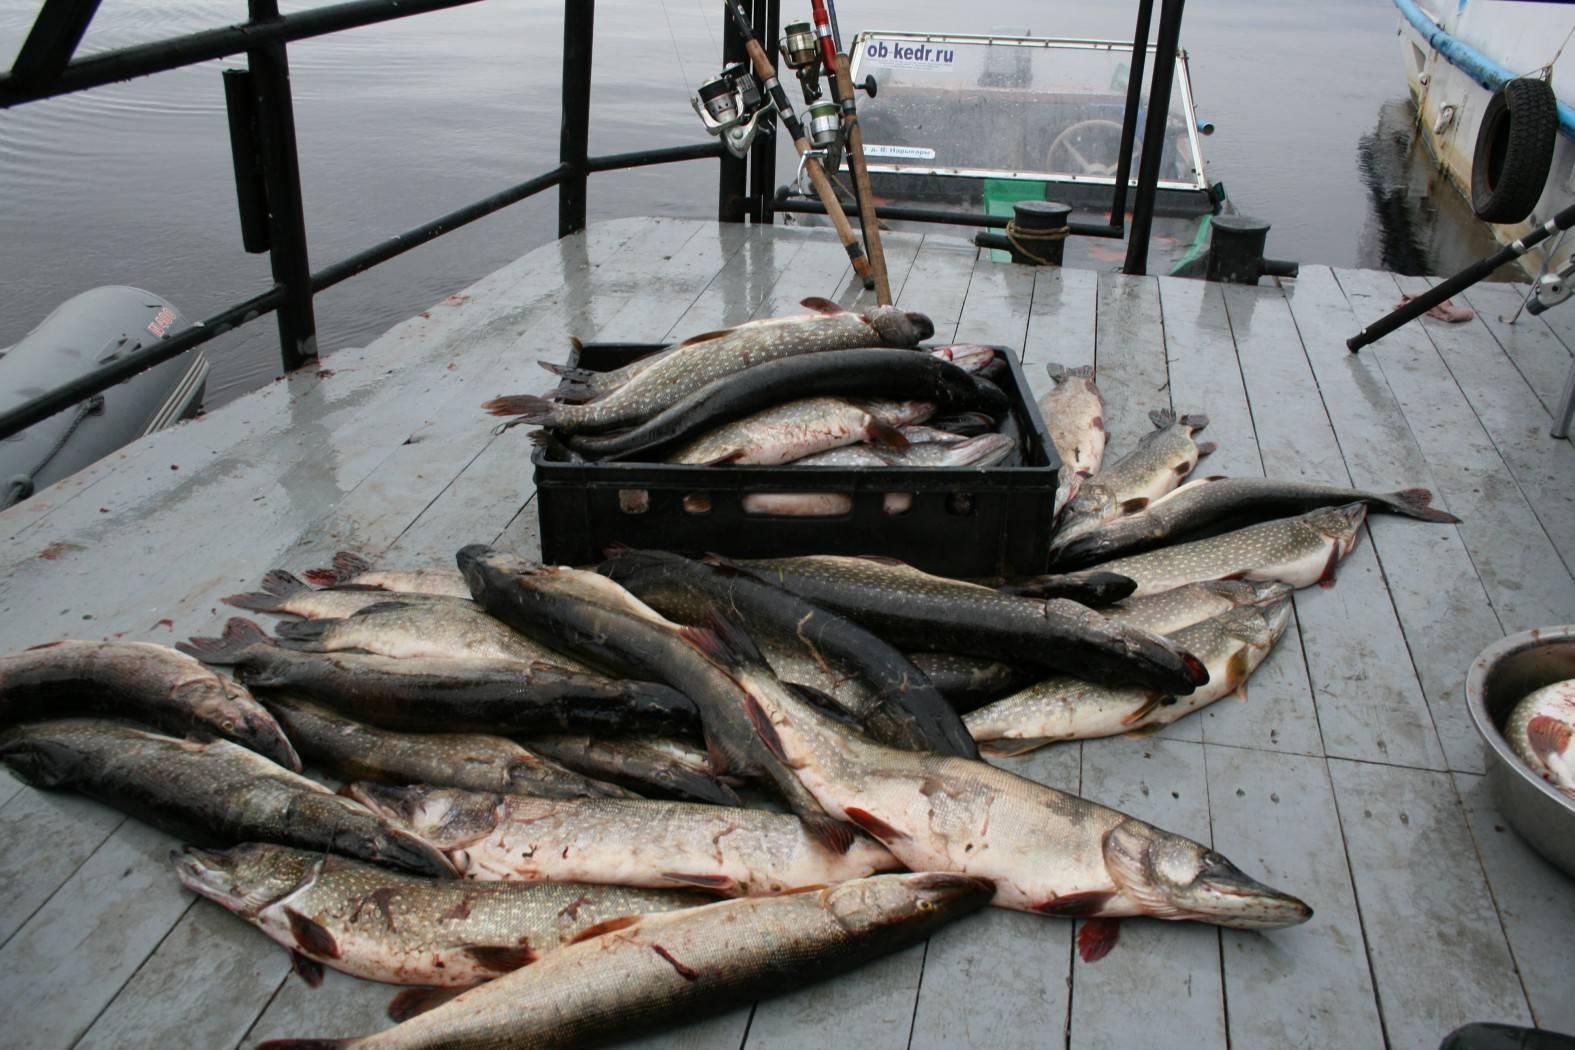 Рыбалка на оби — рыба, снасти, способы ловли